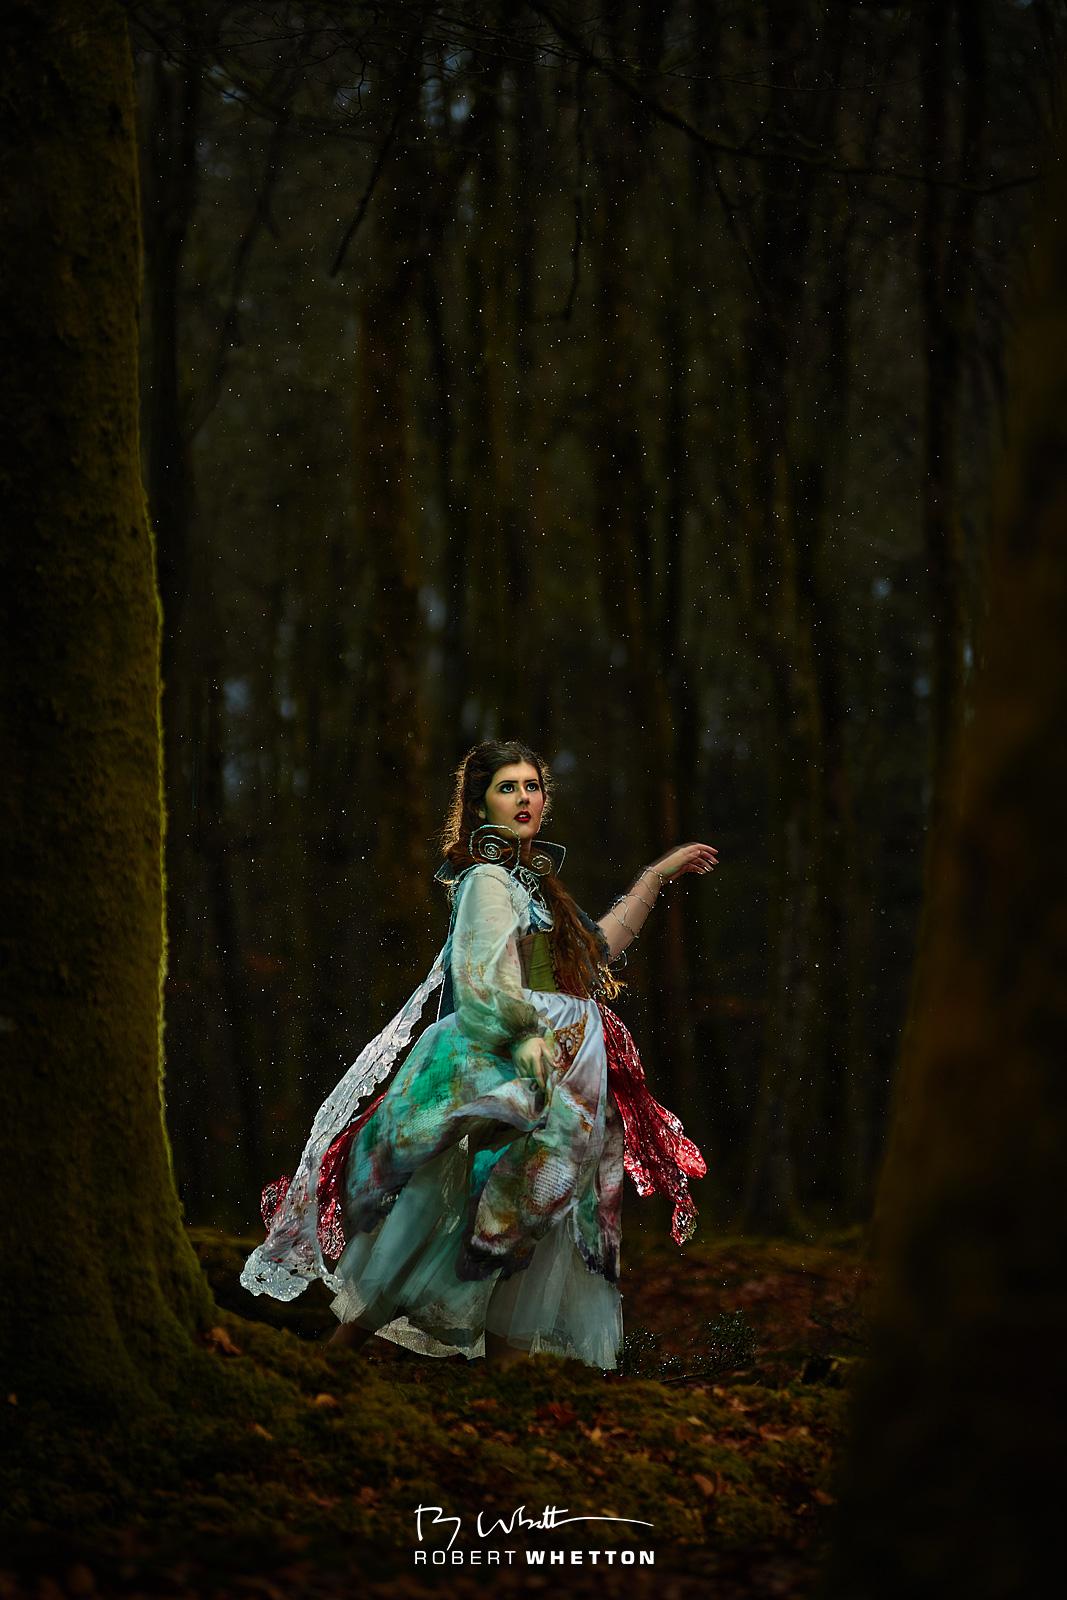 IMAGE: https://photographs.rjwhetton.co.uk/forums/05-V-Dress.jpg